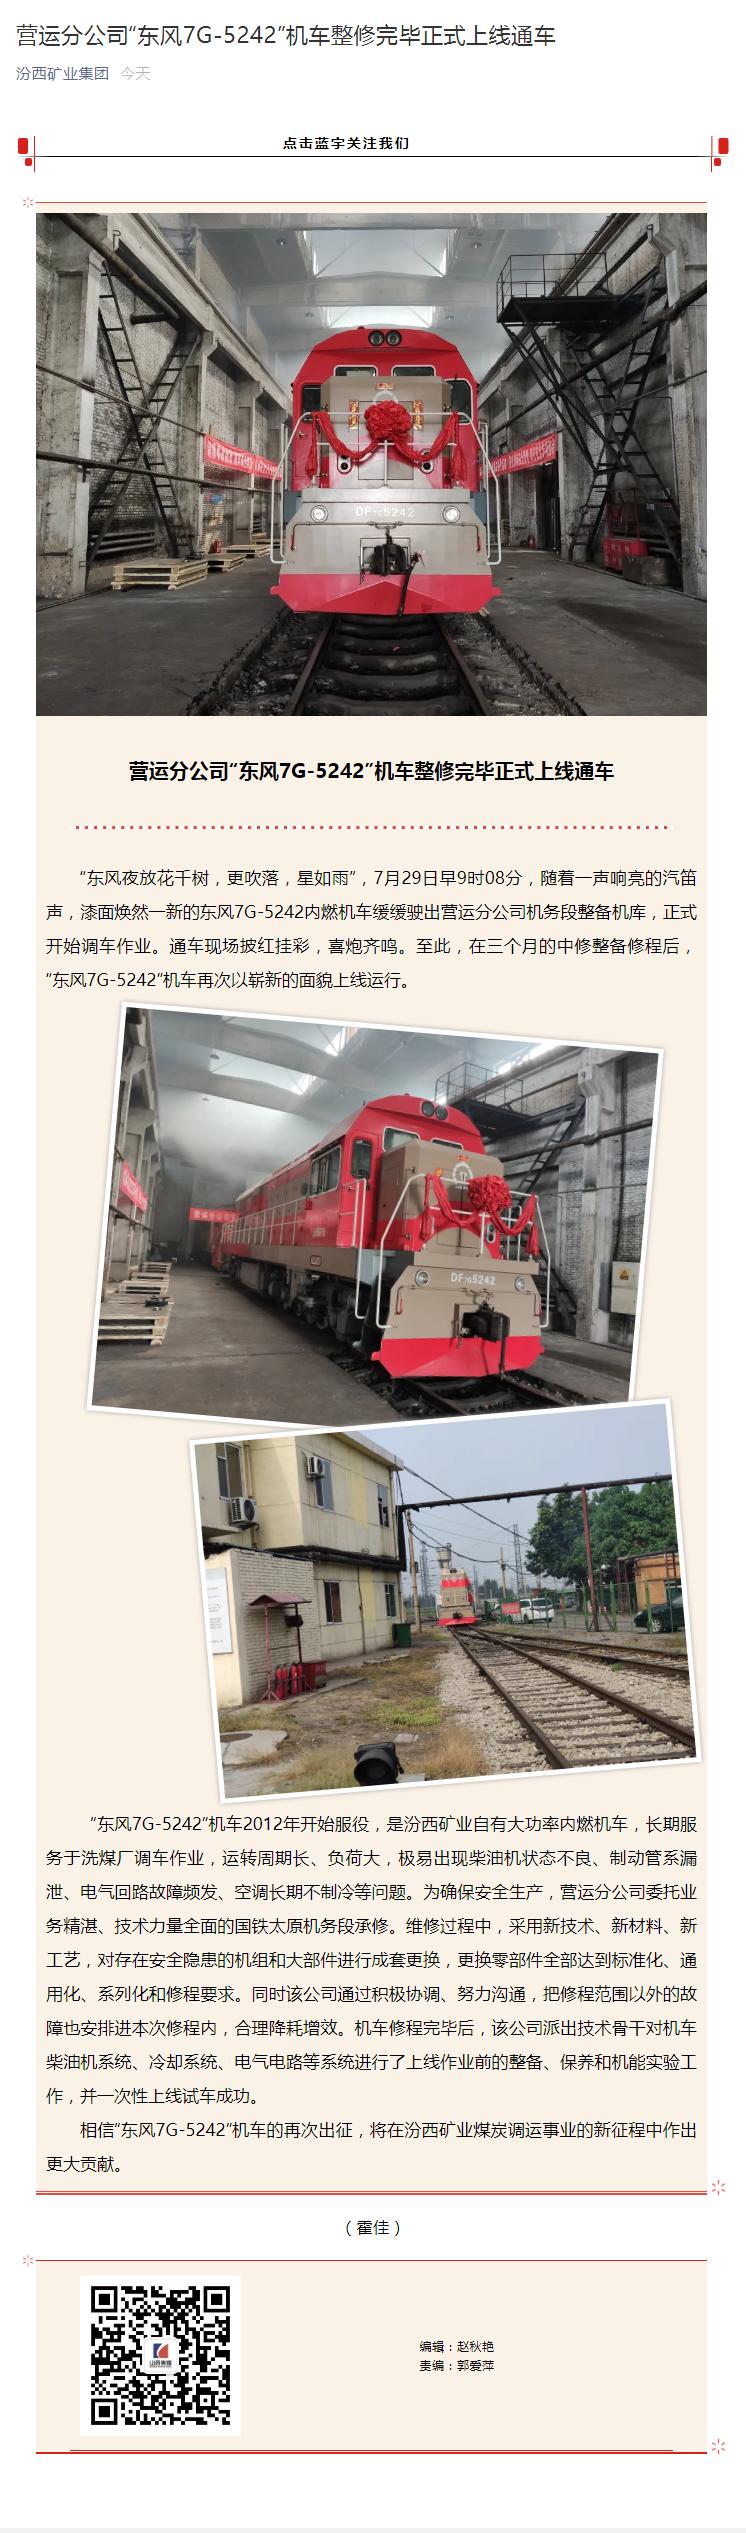 """营运分公司""""东风7G-5242""""机车整修完毕正式上线通车.png"""